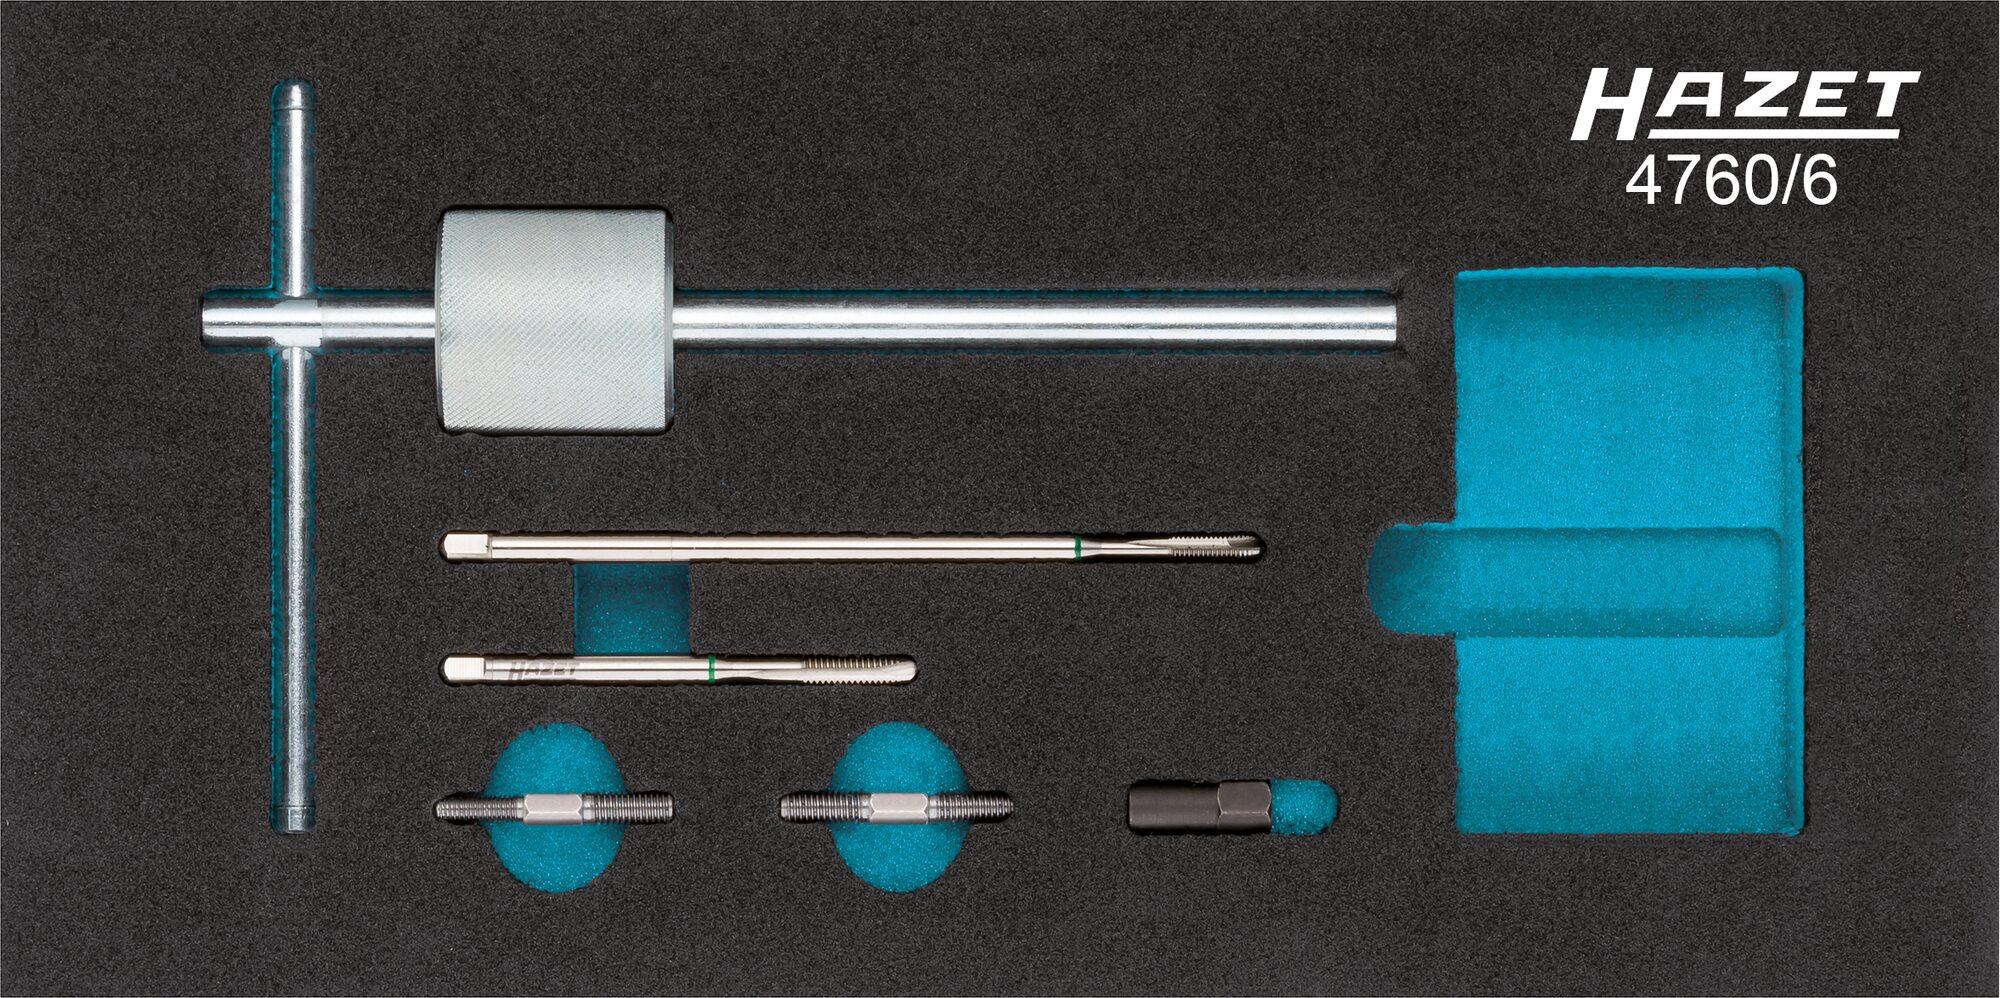 HAZET Glühkerzen Auszieher Satz 4760/6 ∙ Anzahl Werkzeuge: 6